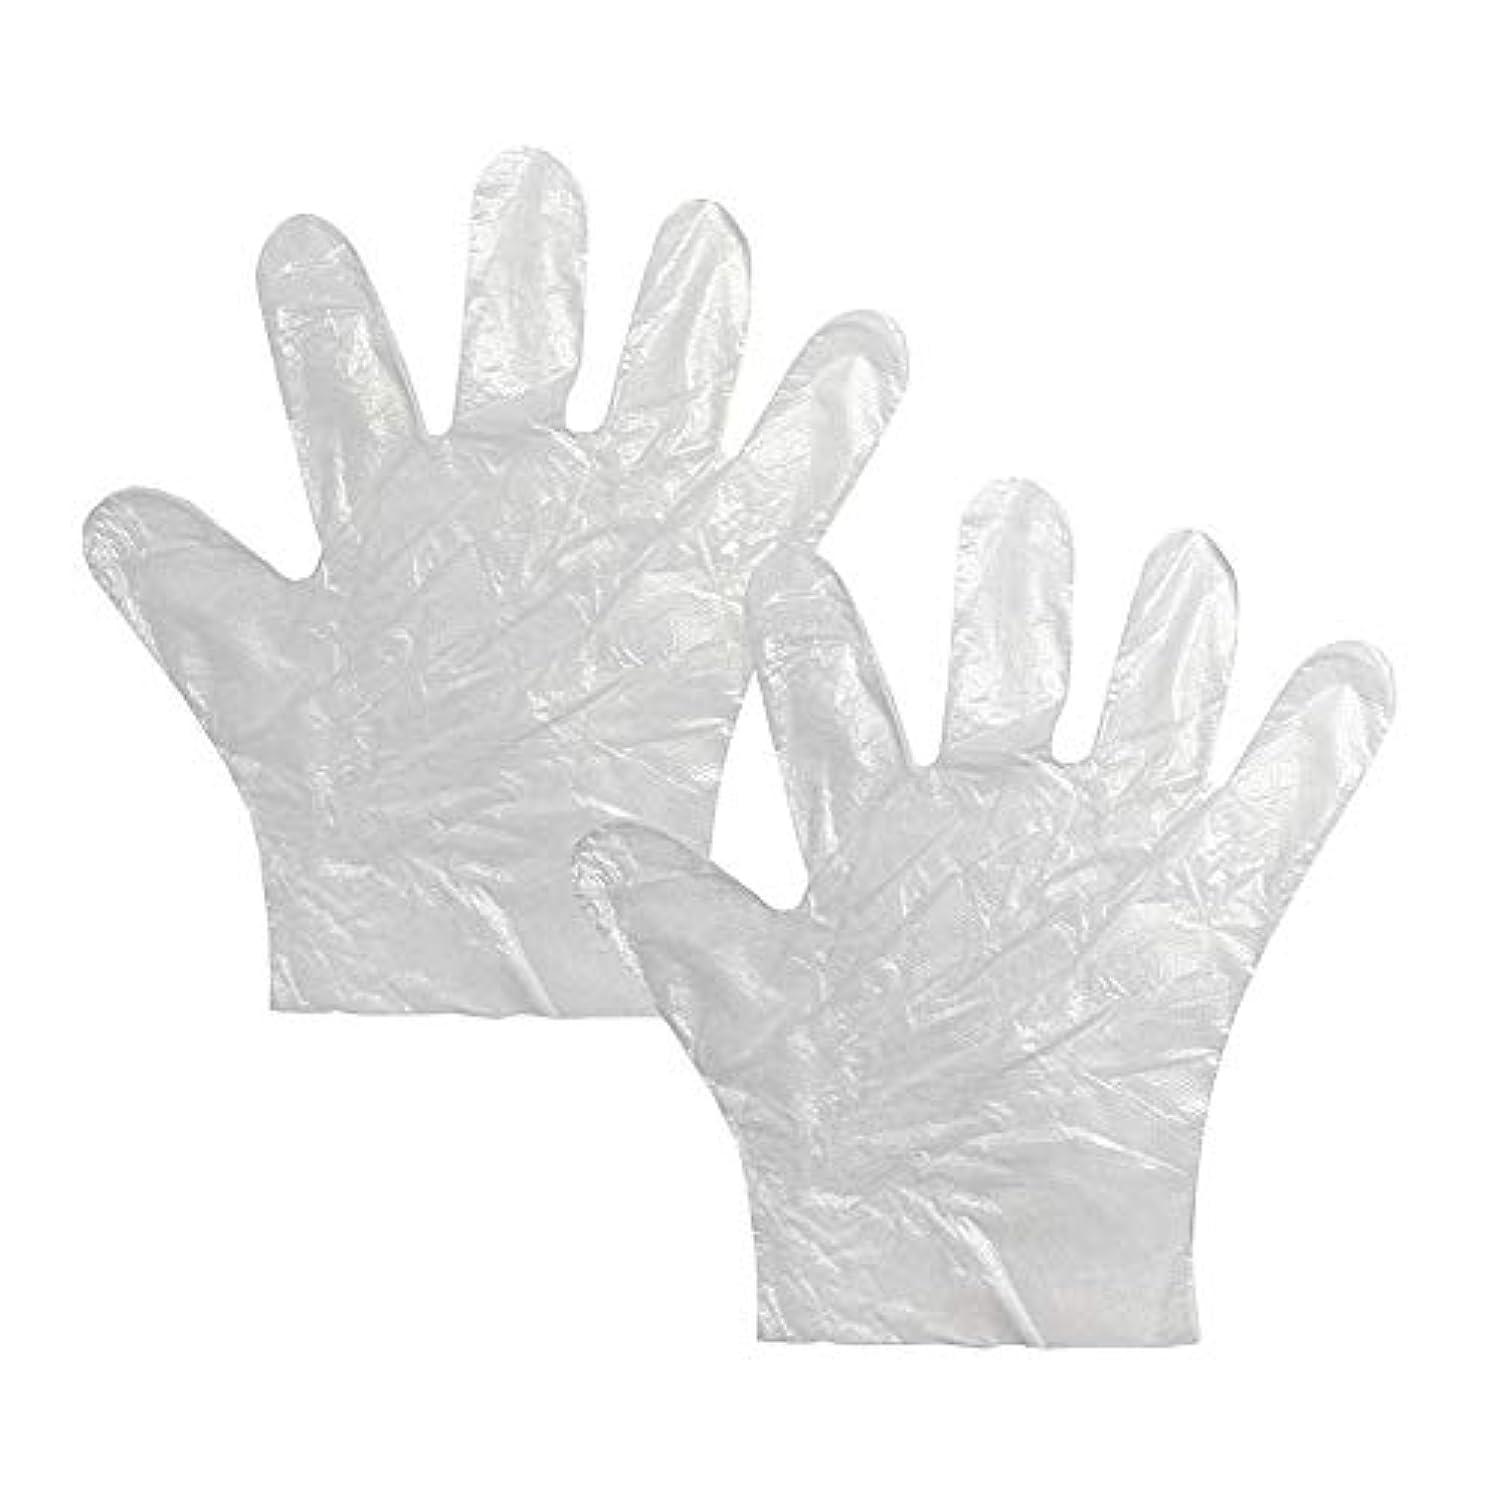 予測するメイン矢印KUKUYA(ククヤ) 使い捨て手袋 極薄ビニール手袋 ポリエチレン 透明 実用 衛生 100枚*2セット